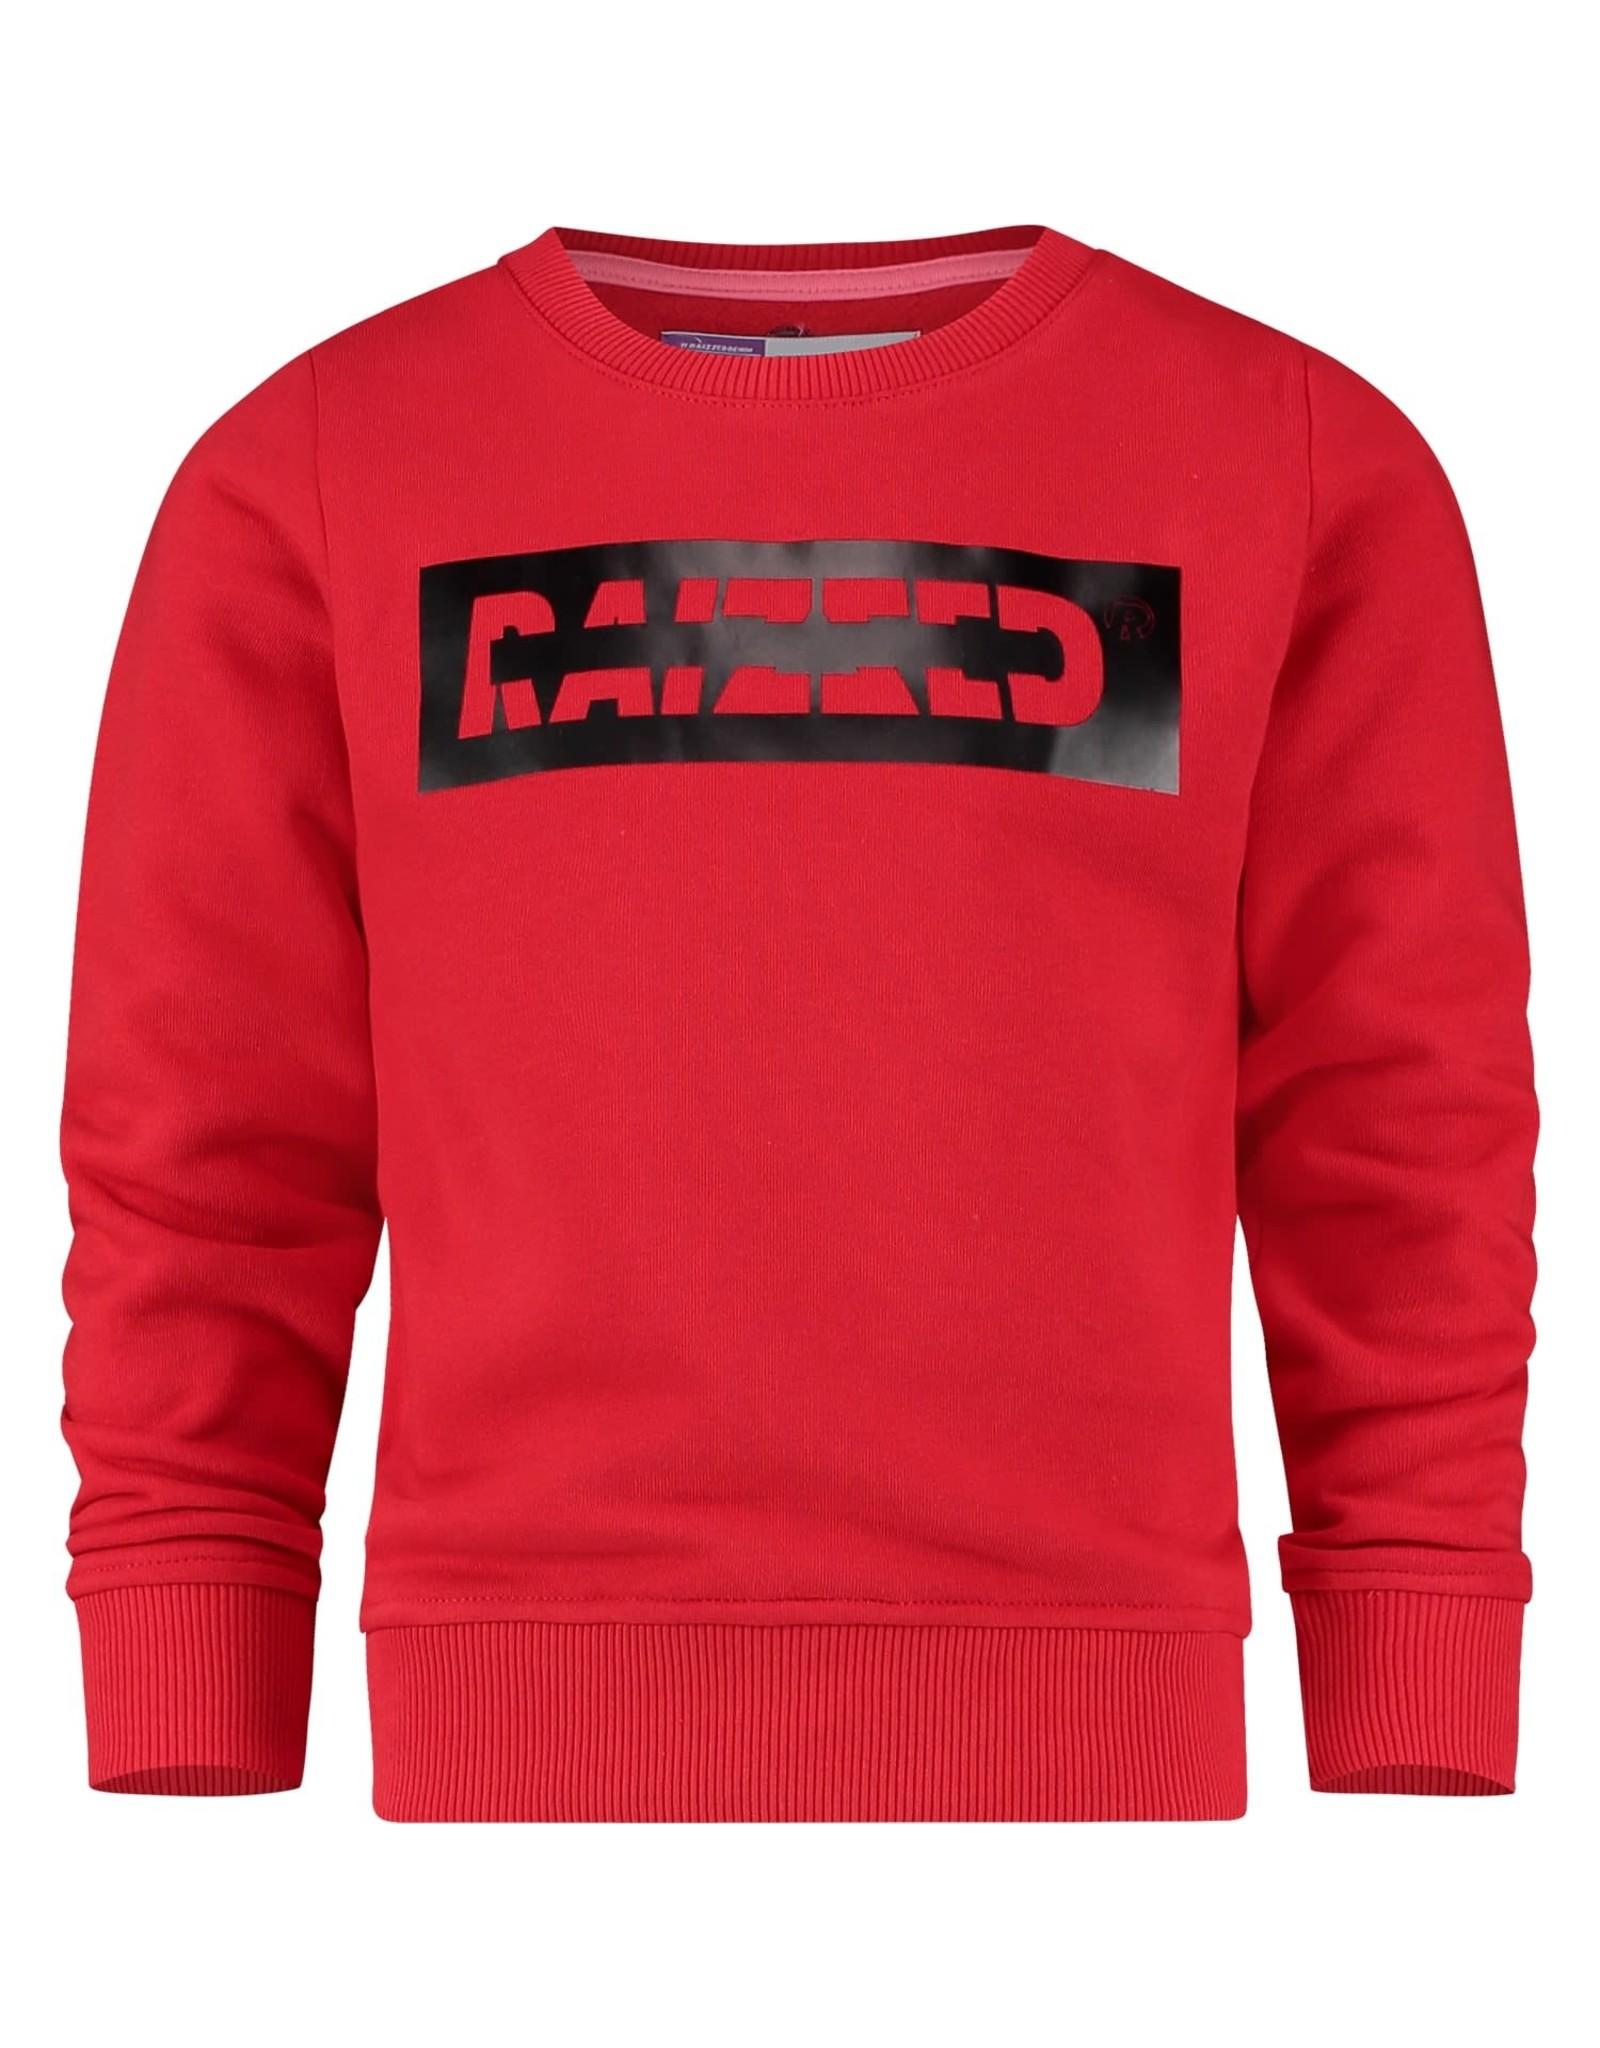 Raizzed Raizzed meiden sweater Sevilla Blast Red